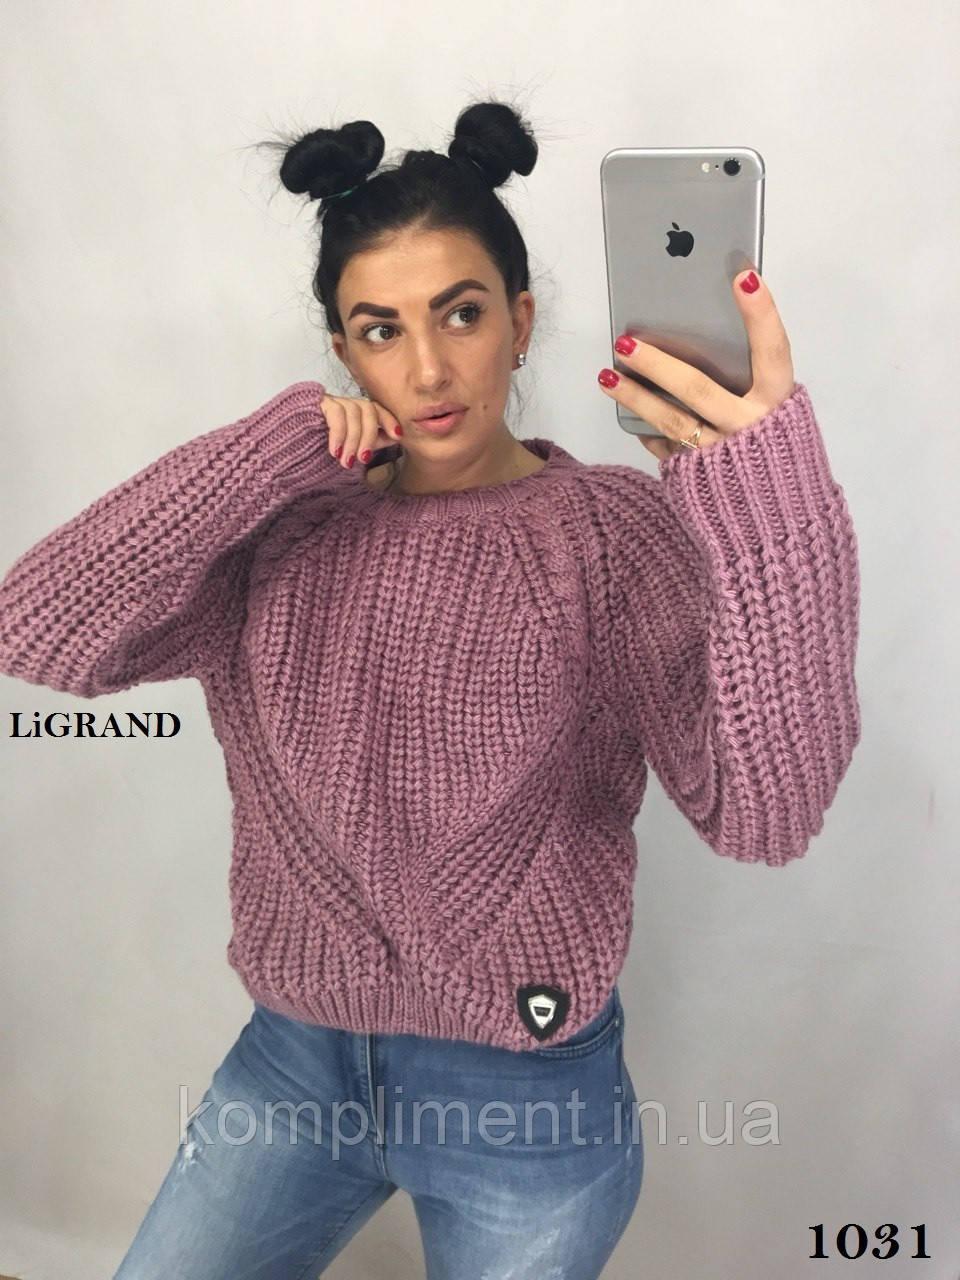 Женский  вязаный шерстяной свитер.Производство Турция.BG 1031